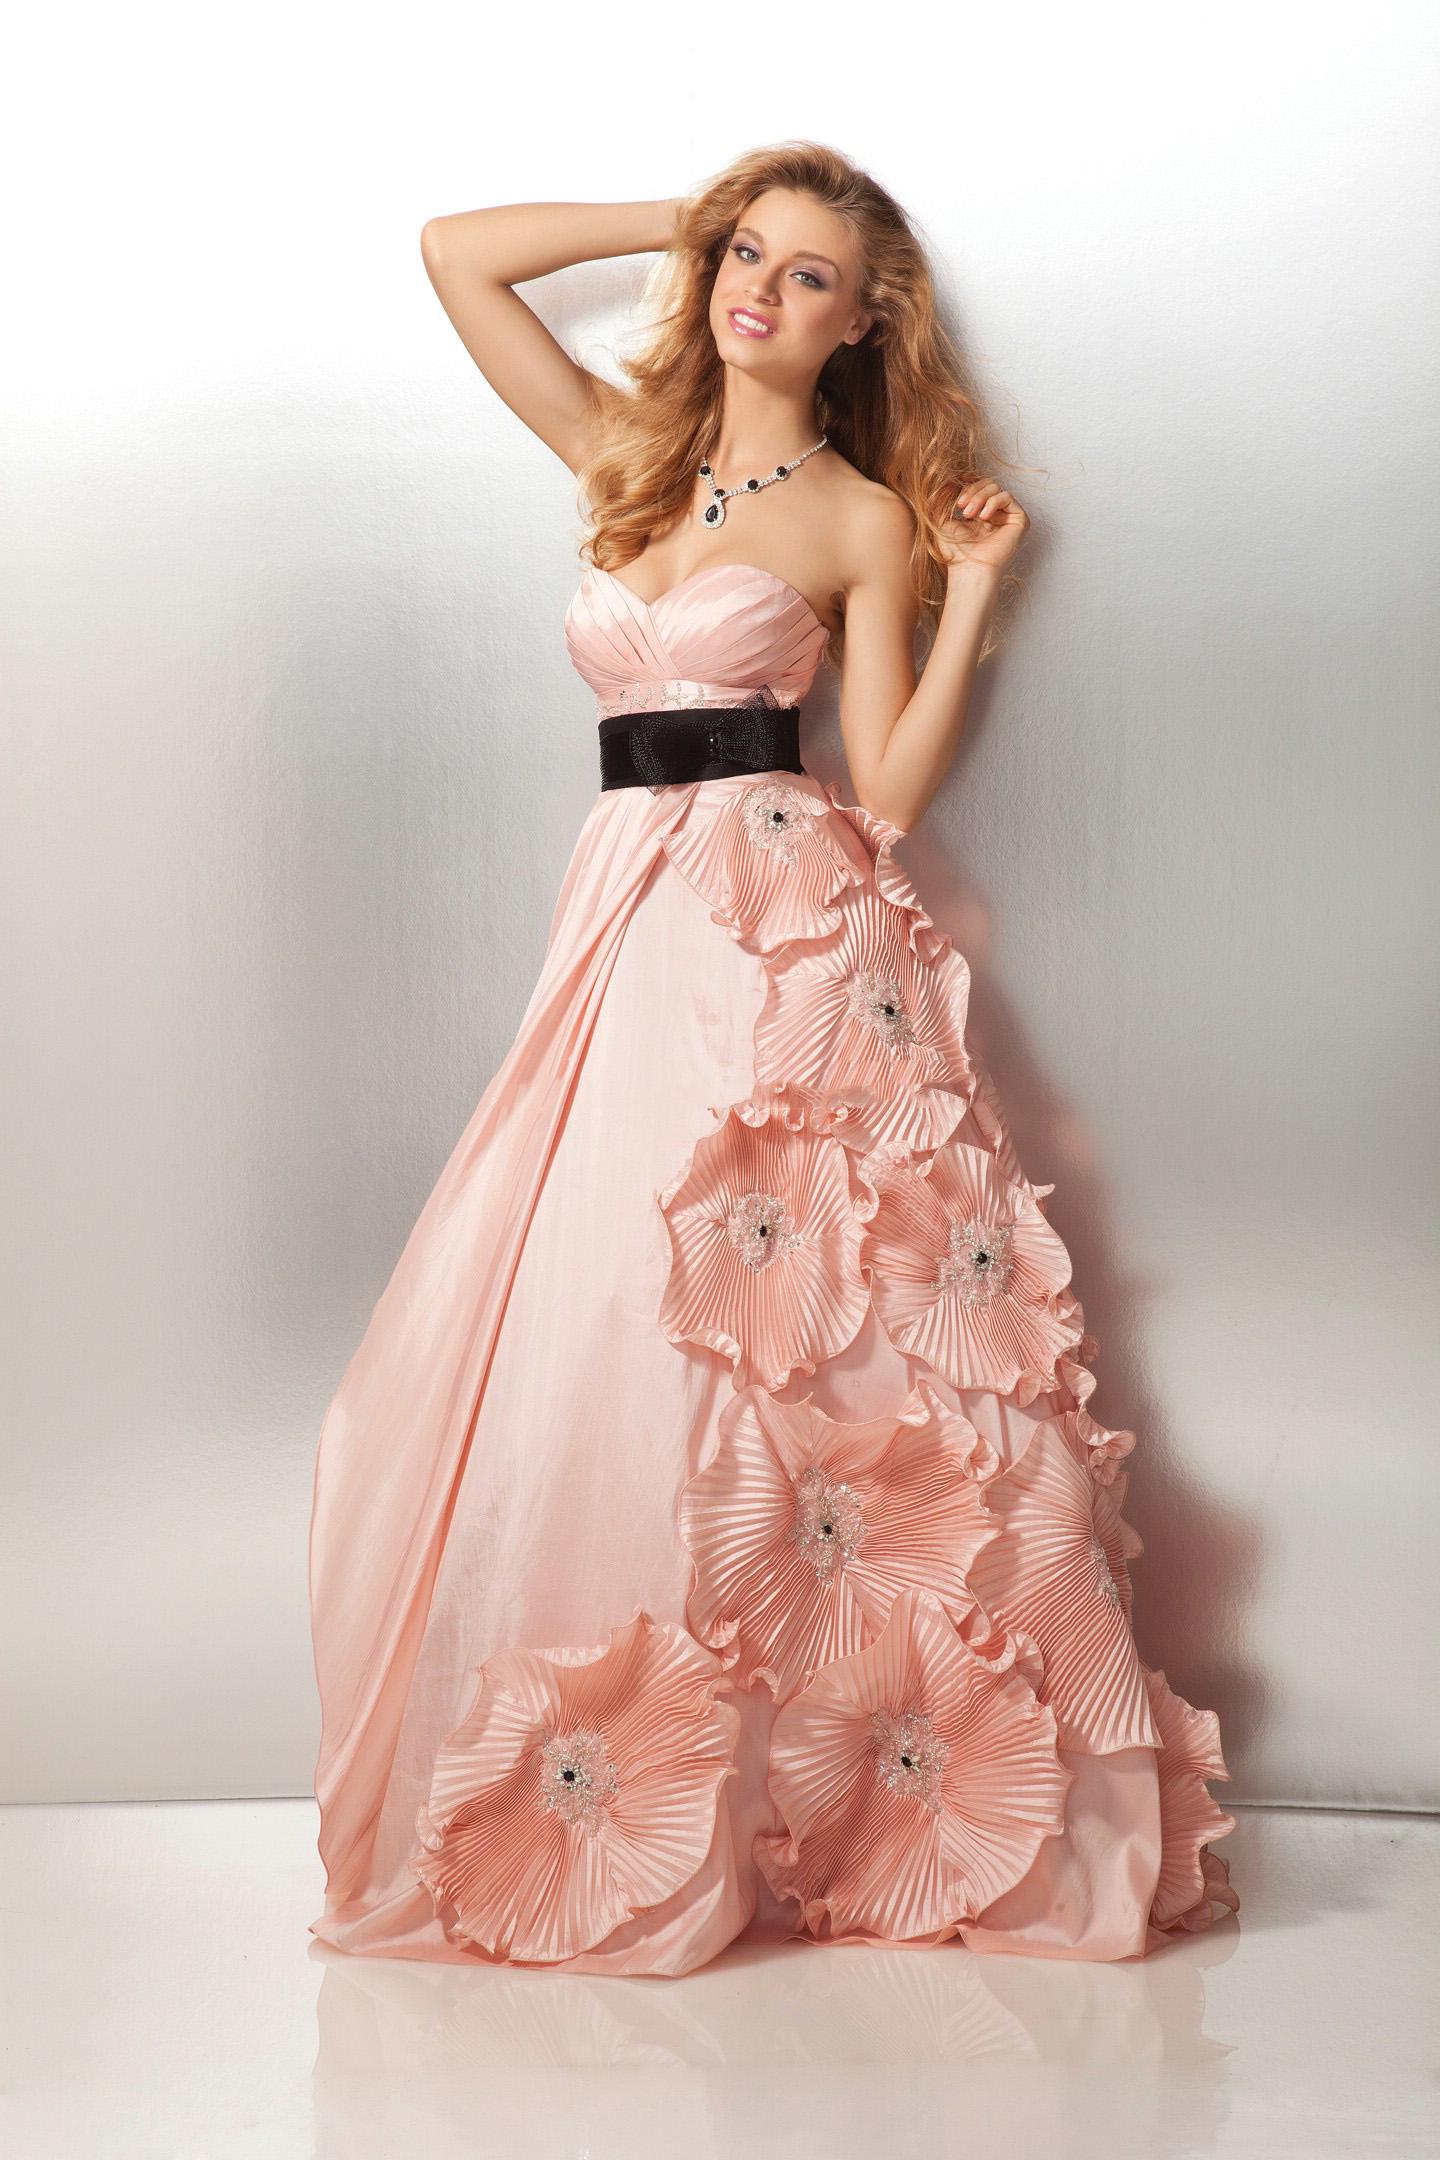 Красивые картинки про платья